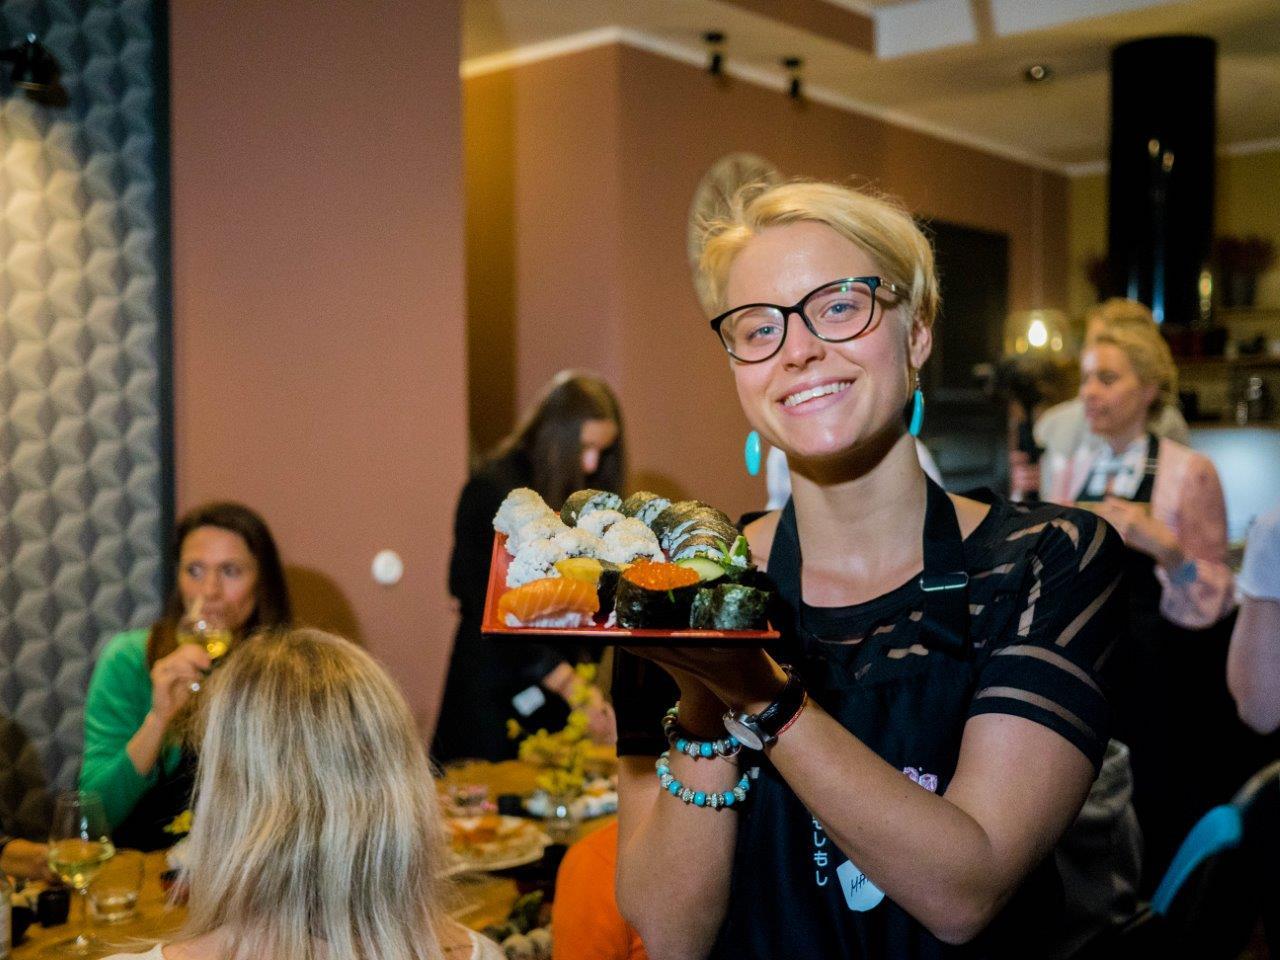 REGISTREERIMINE 10. SEPTEMBRI KOOLITUSELE ON AVATUD! 10.09.2020 Sushi valmistamine kodusel viisil Kell 18:00 – 20:30 Vürts(Vana-Kalamaja 17, Tallinn) Õhtusöök